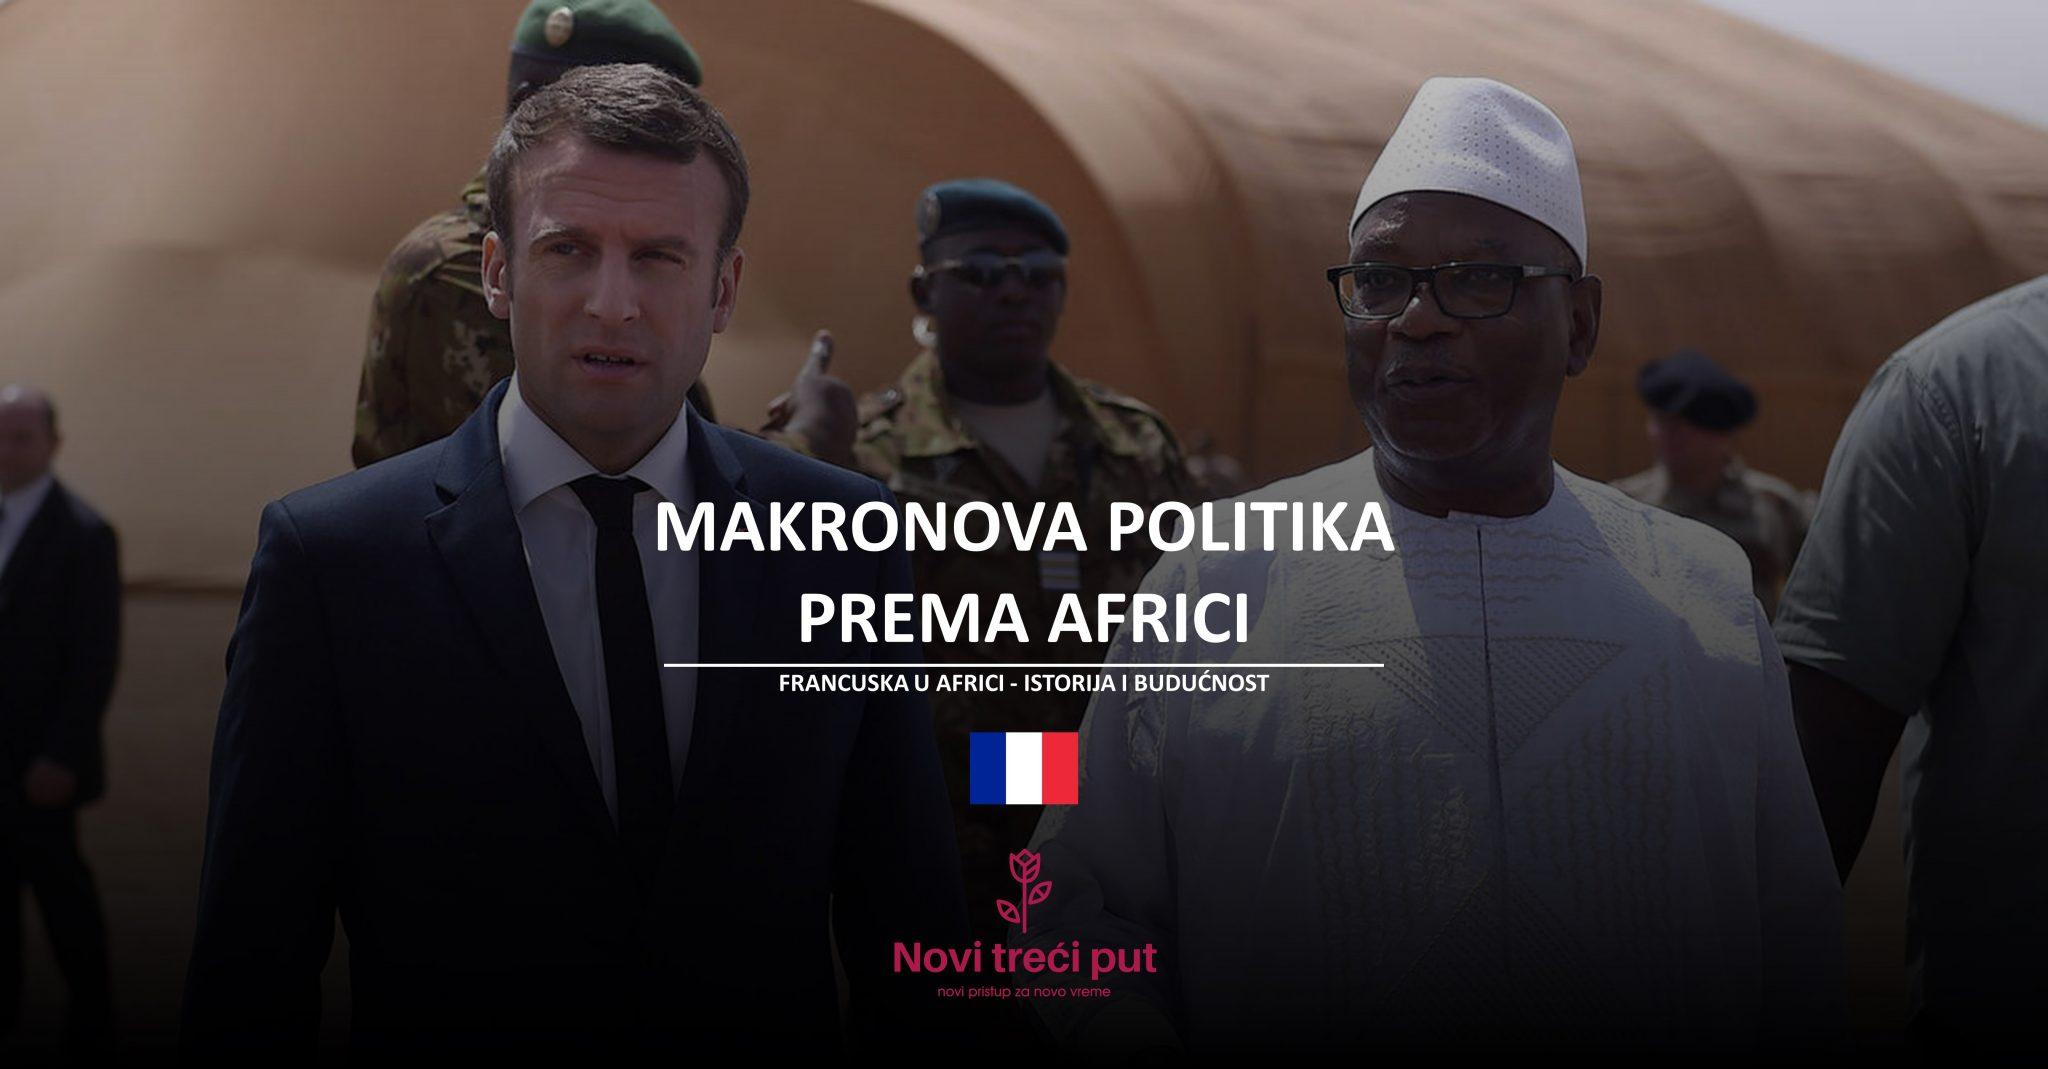 Makronova politika prema Africi